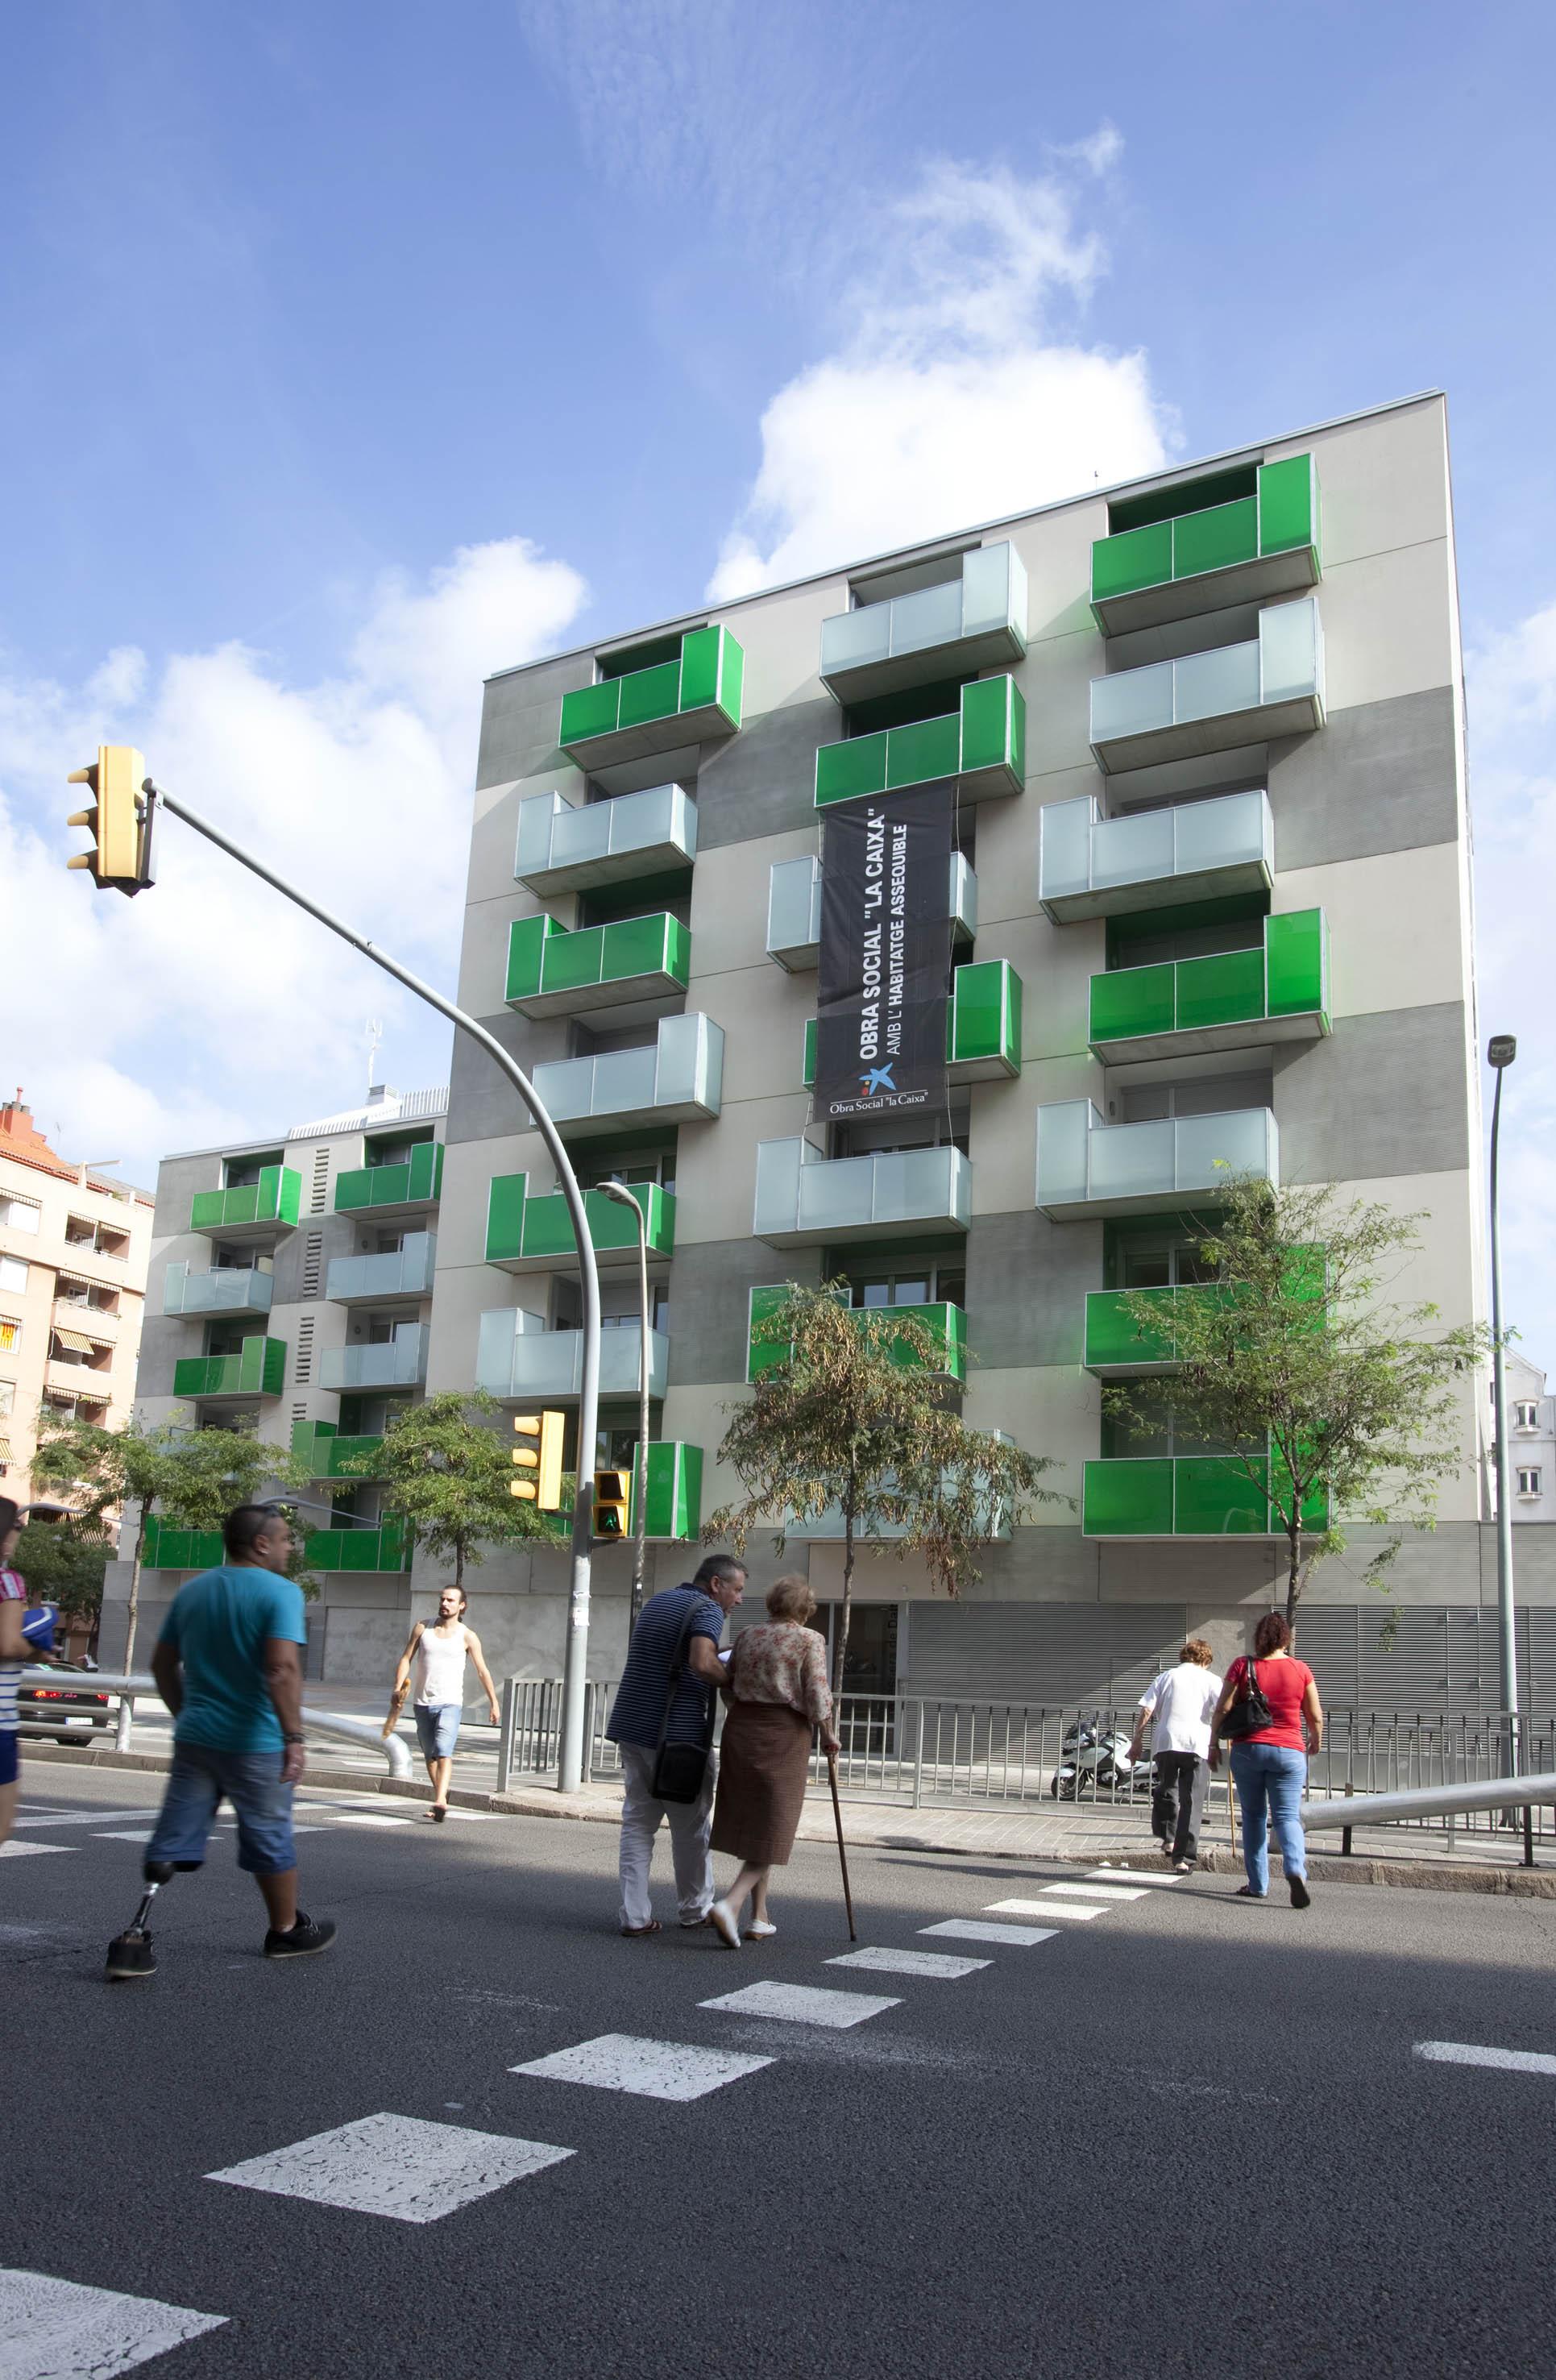 La caixa destina m s de viviendas a colectivos - Casas embargadas la caixa ...